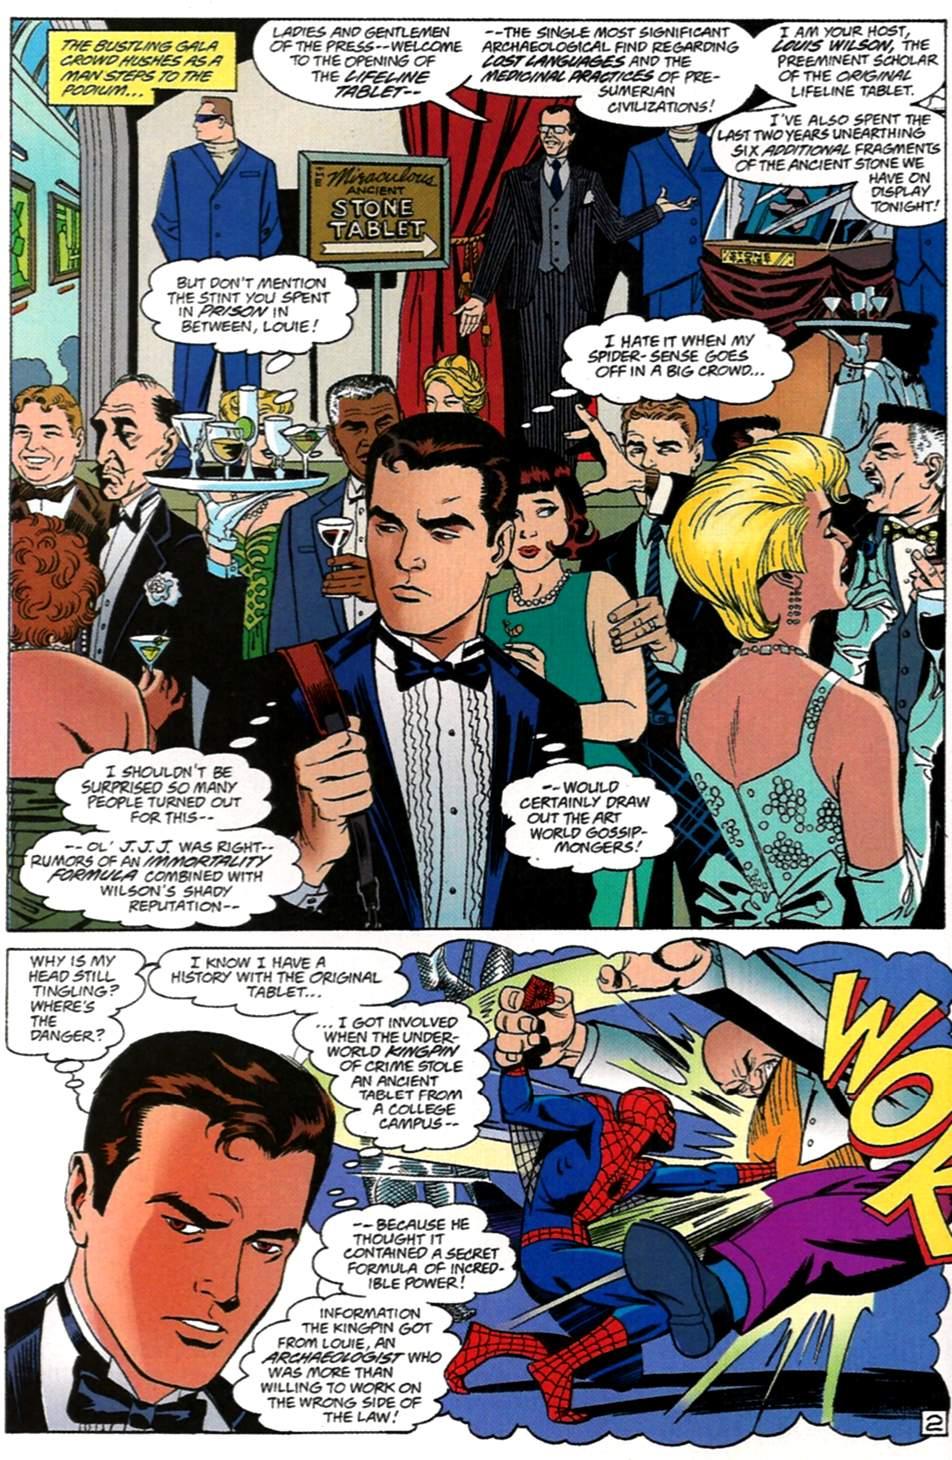 Read online Spider-Man: Lifeline comic -  Issue #1 - 3